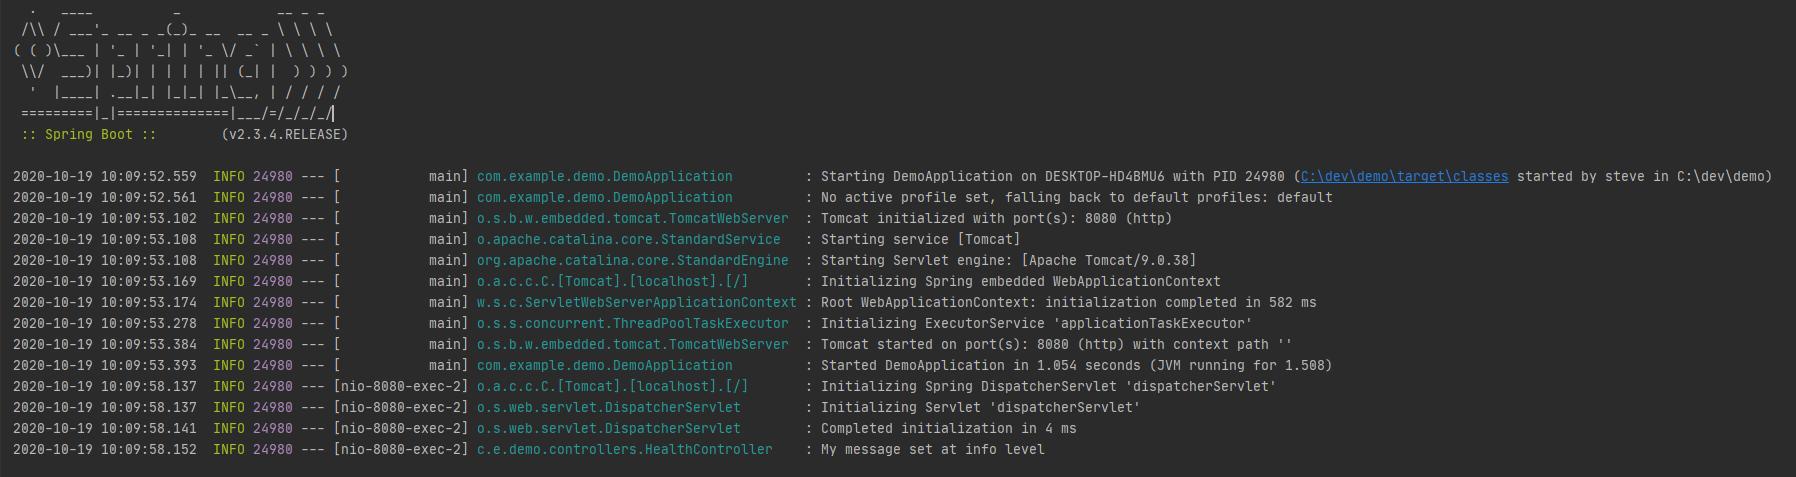 logback default logging format